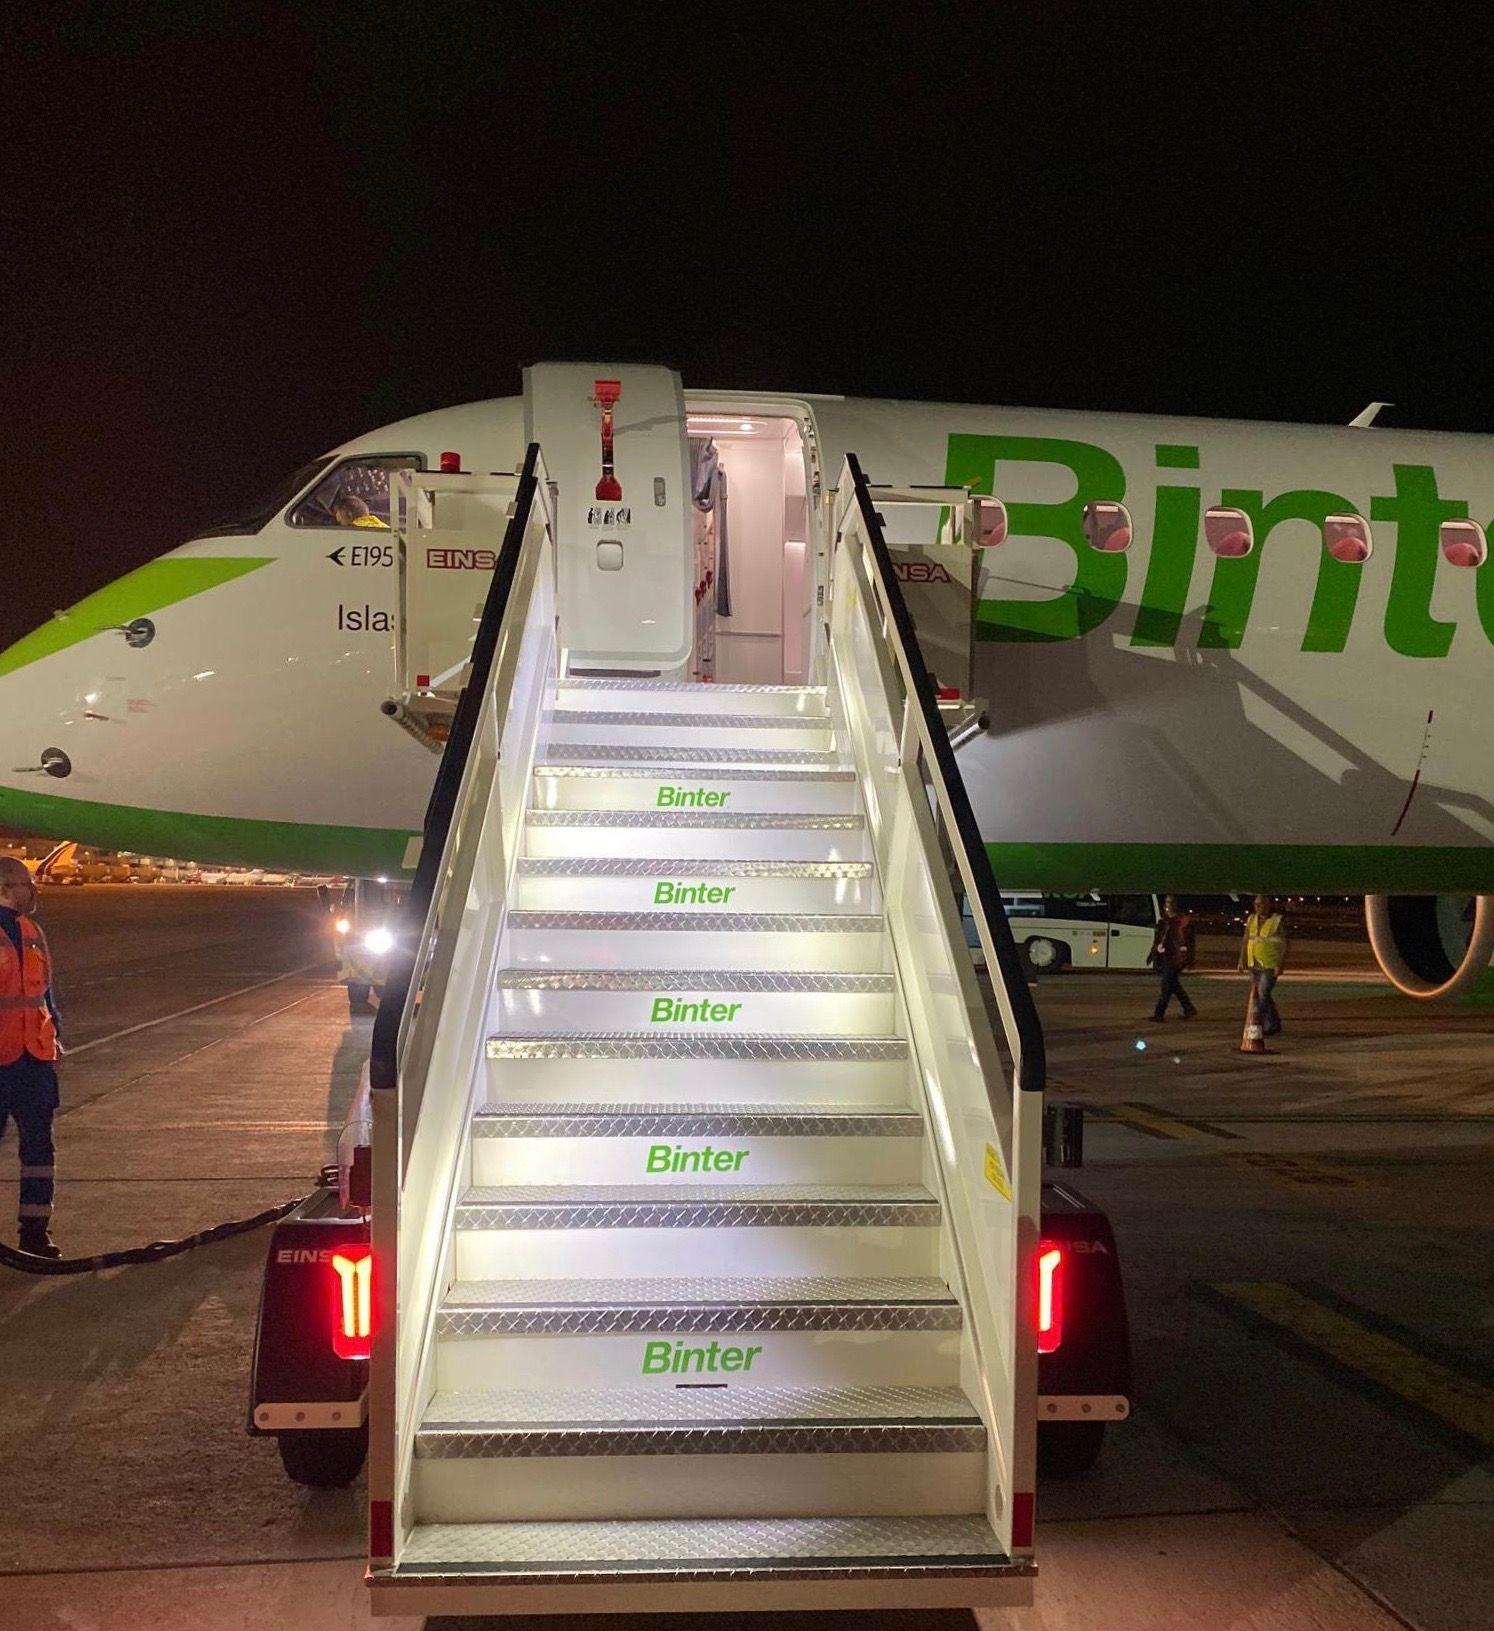 El nuevo avión con la escalera de Binter al costado